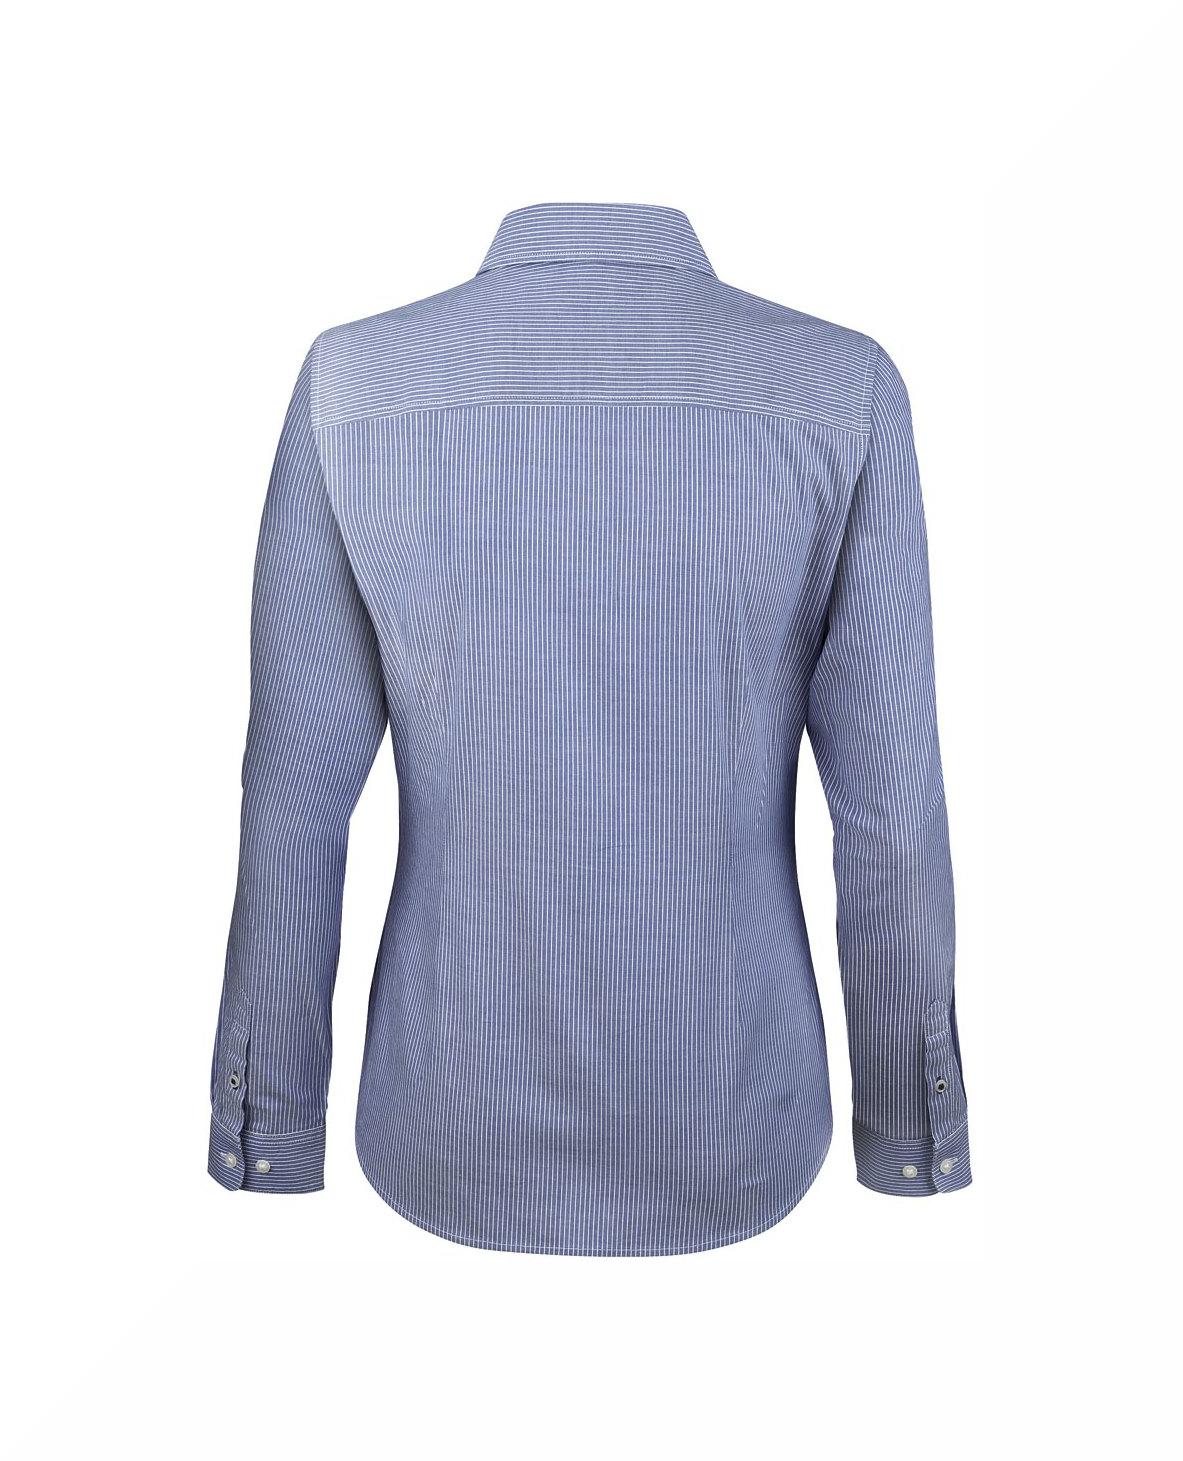 057c7e3220aea7 Modische Hemden für Damen aus Bio-Baumwolle Fair Wear › Wolff ...